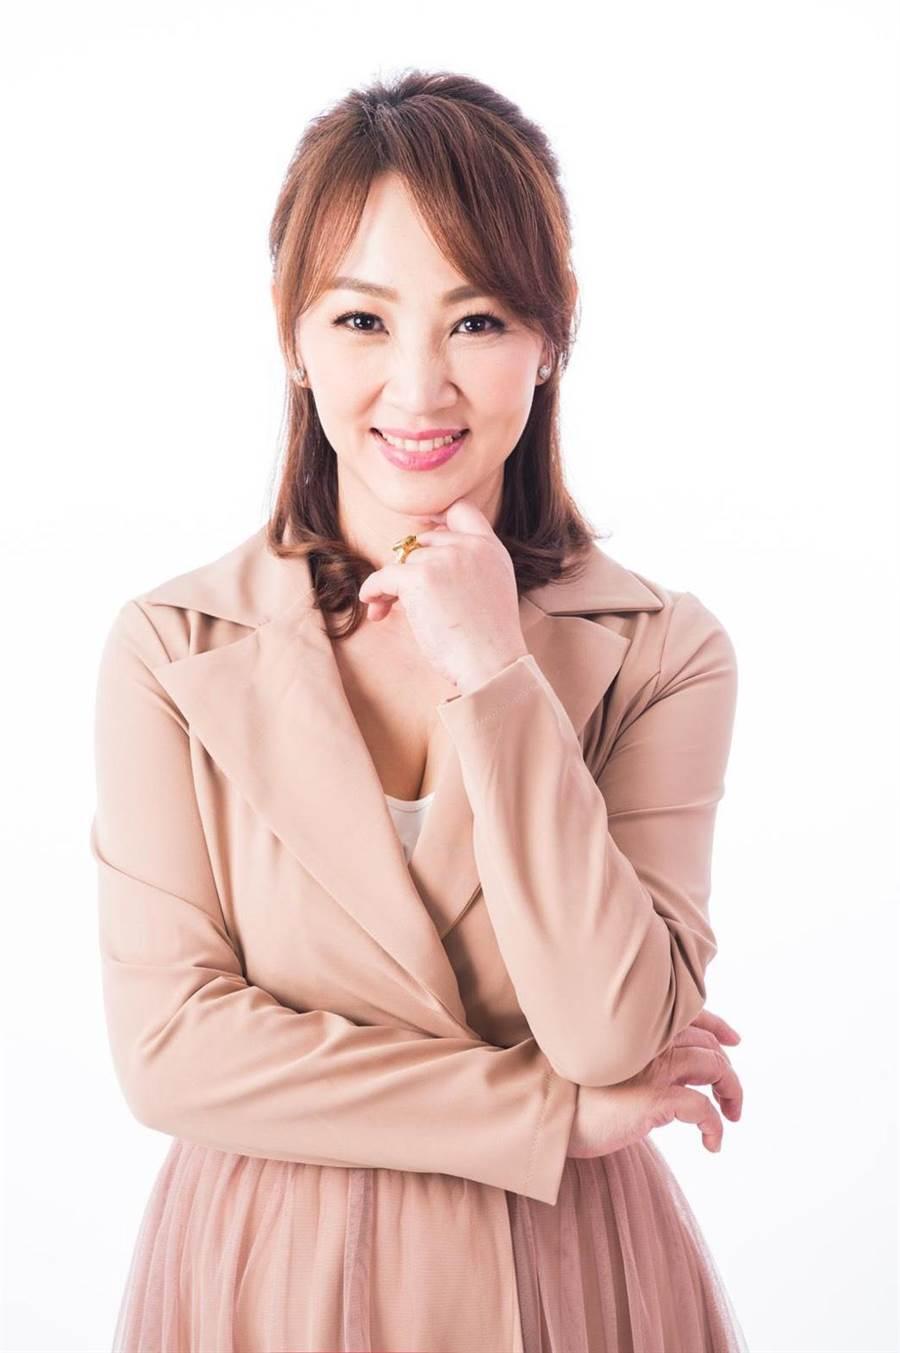 成長於家暴家庭,郁方現在更熱衷投入公益。(POP Radio提供)